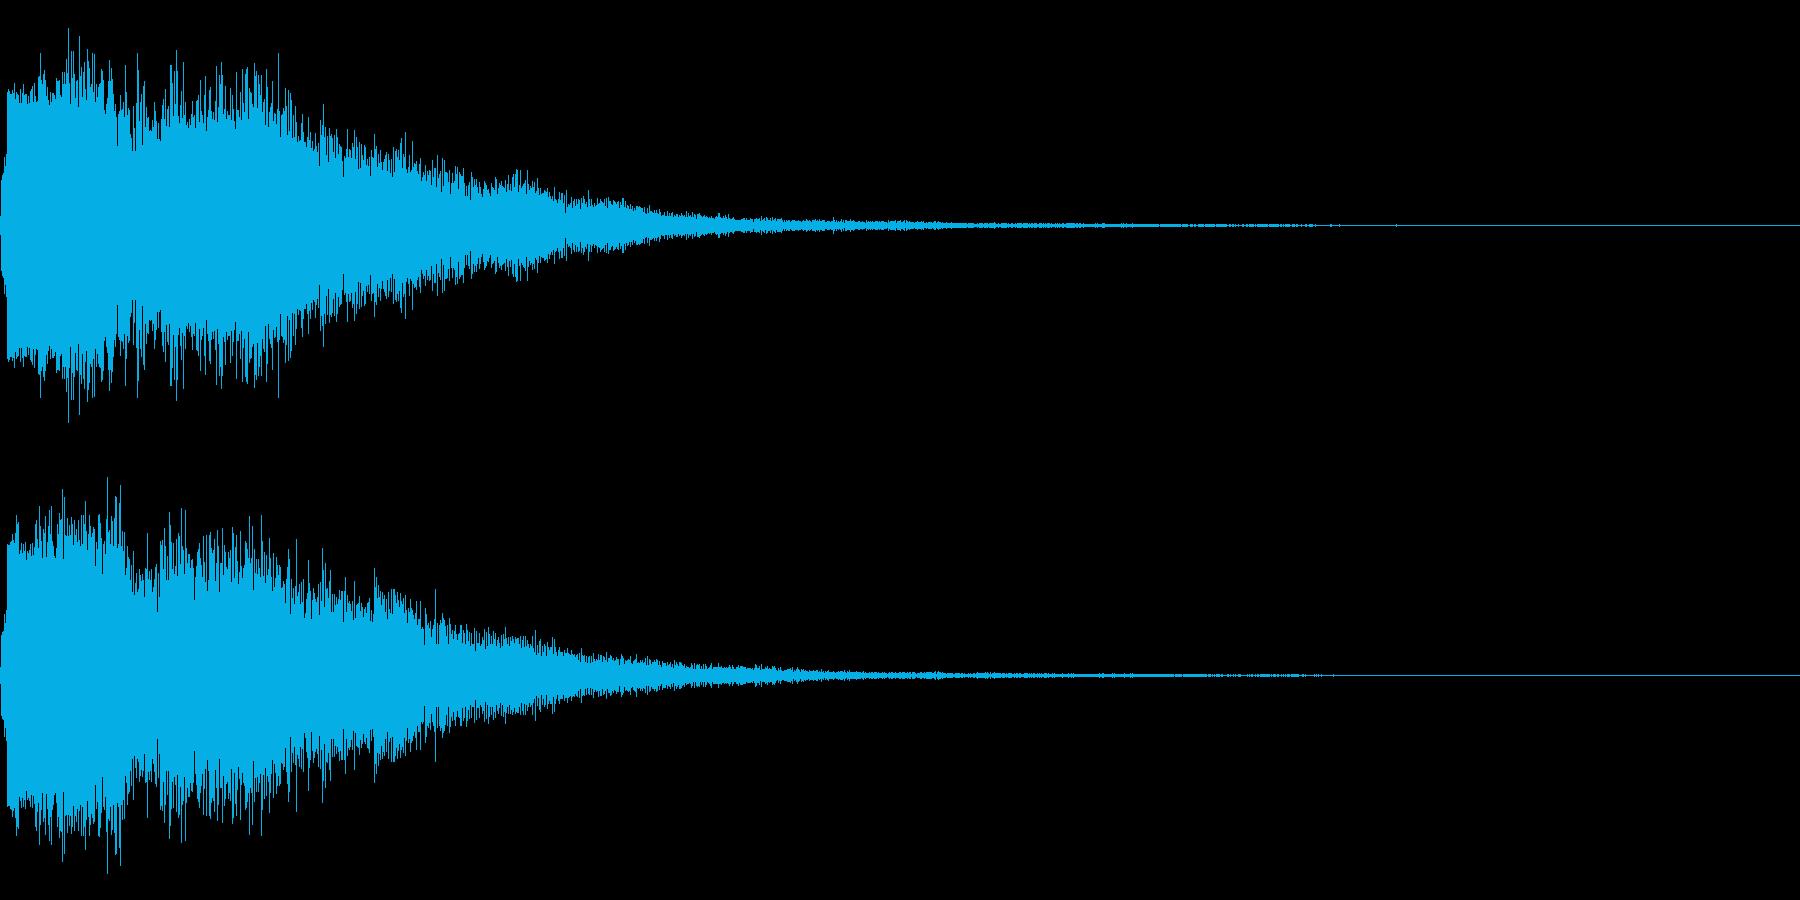 琴と刀の【シャキーン!】和風ロゴ 15の再生済みの波形